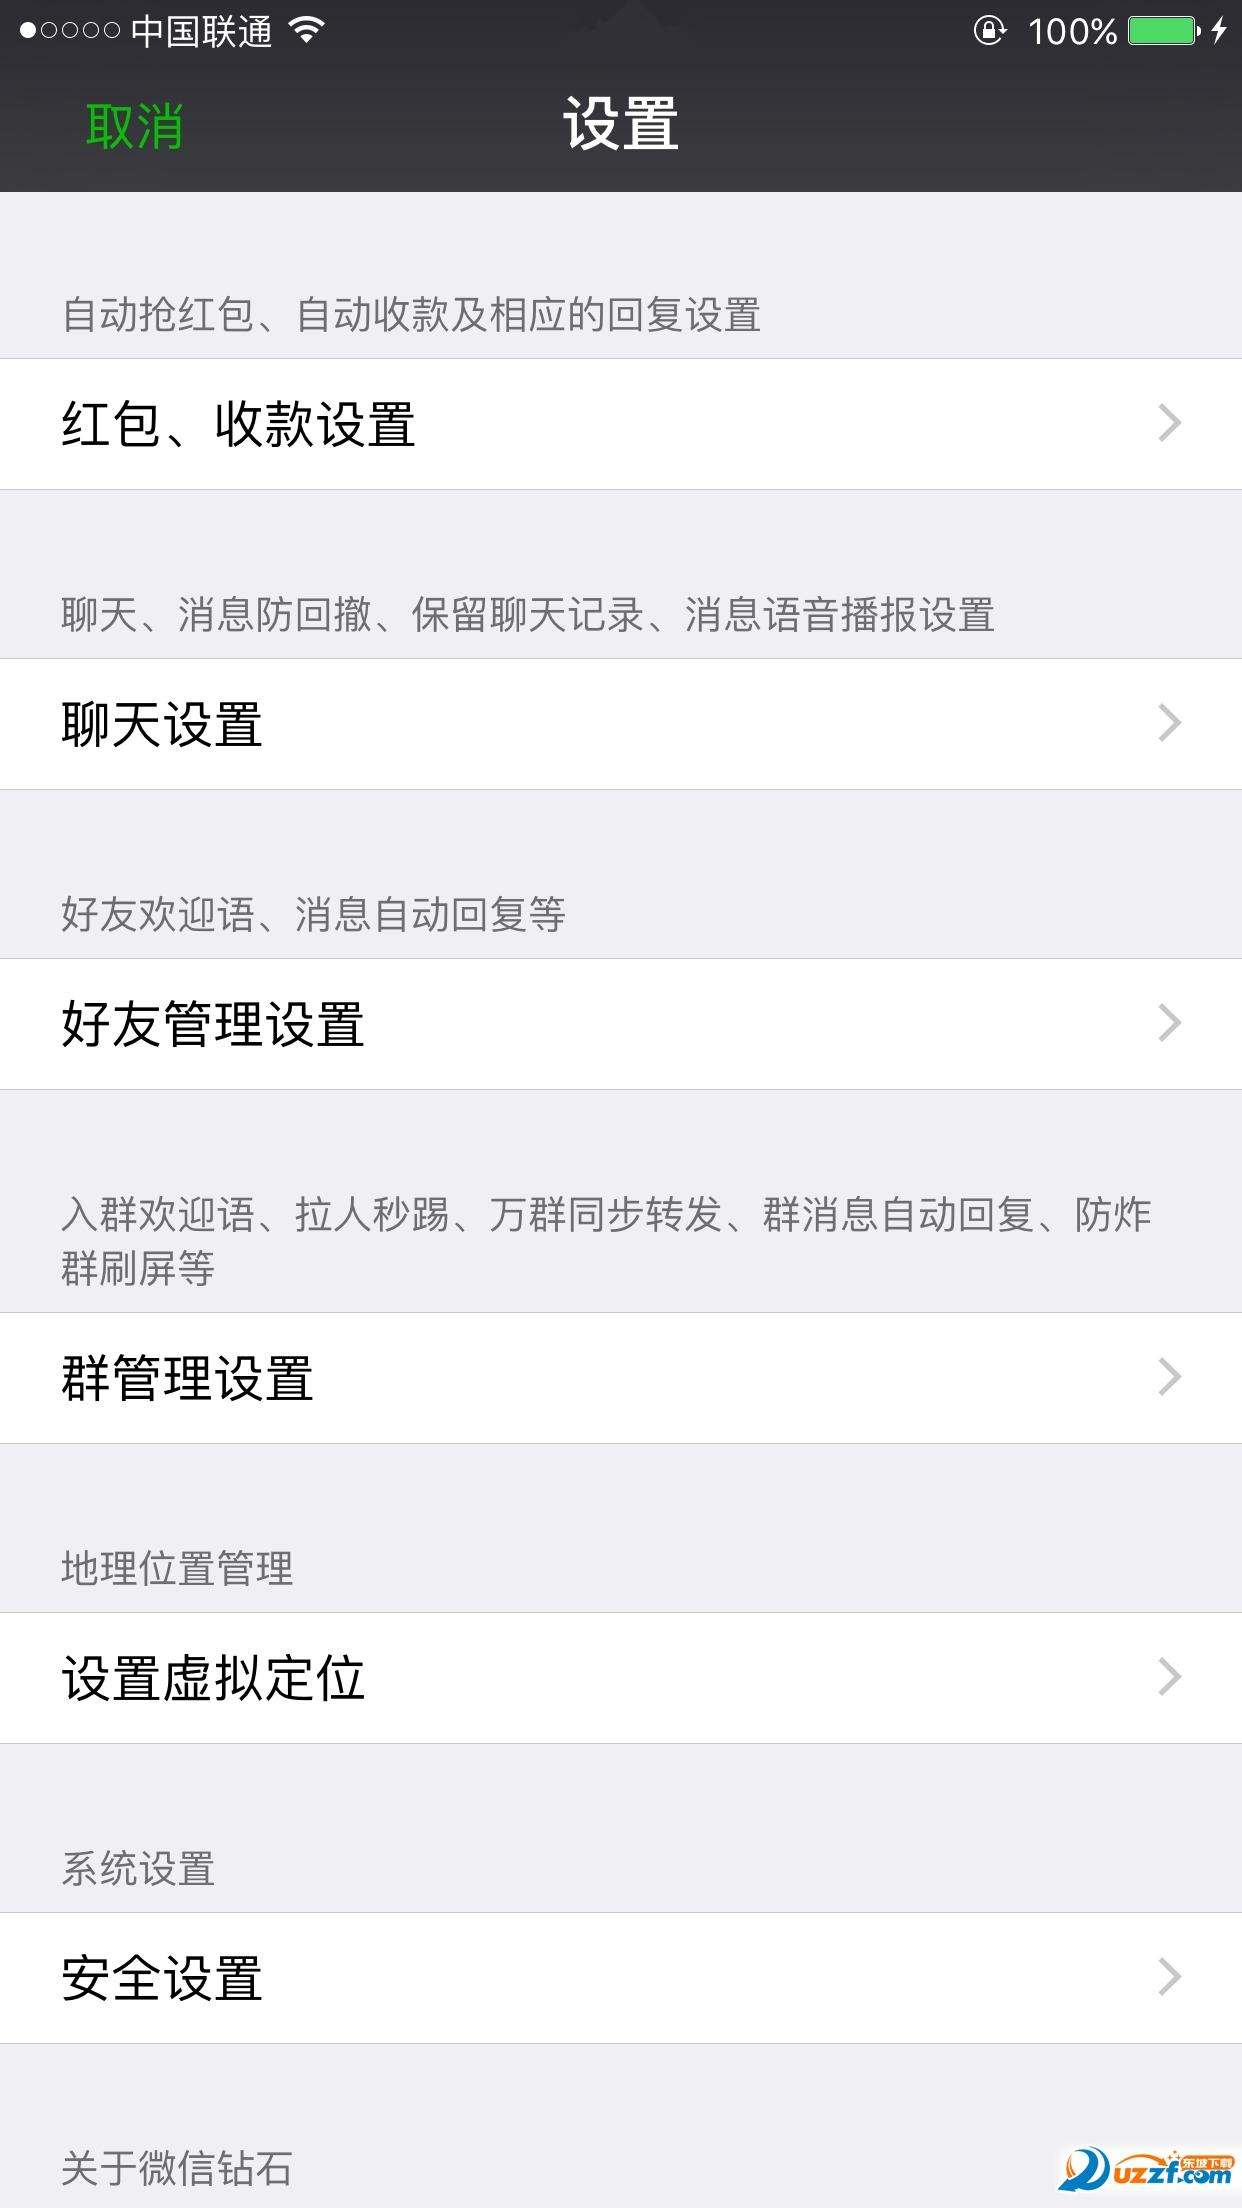 微信钻石VIP8.0防封版截图